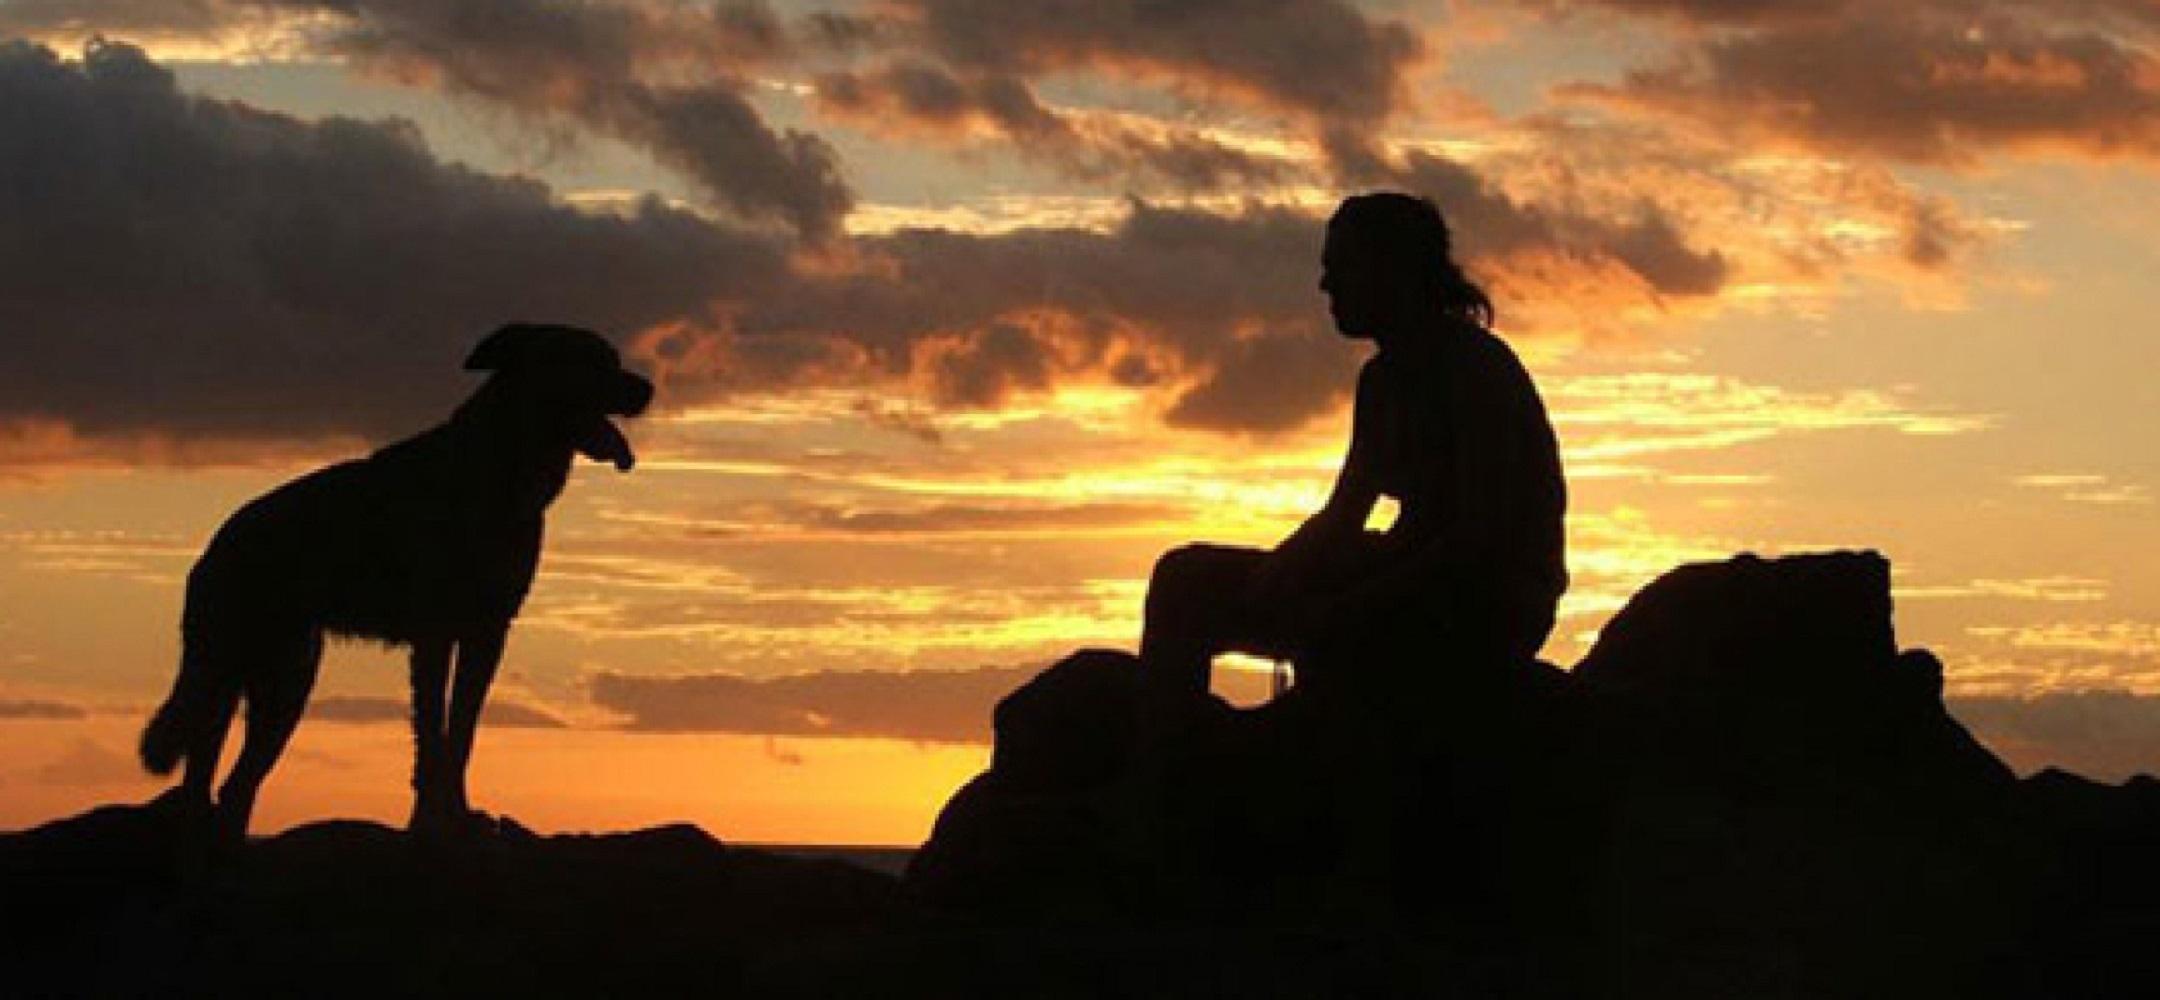 Matrimonio Tra Uomo E Animale : Rapporto uomo cane utilizzo o coinvolgimento l